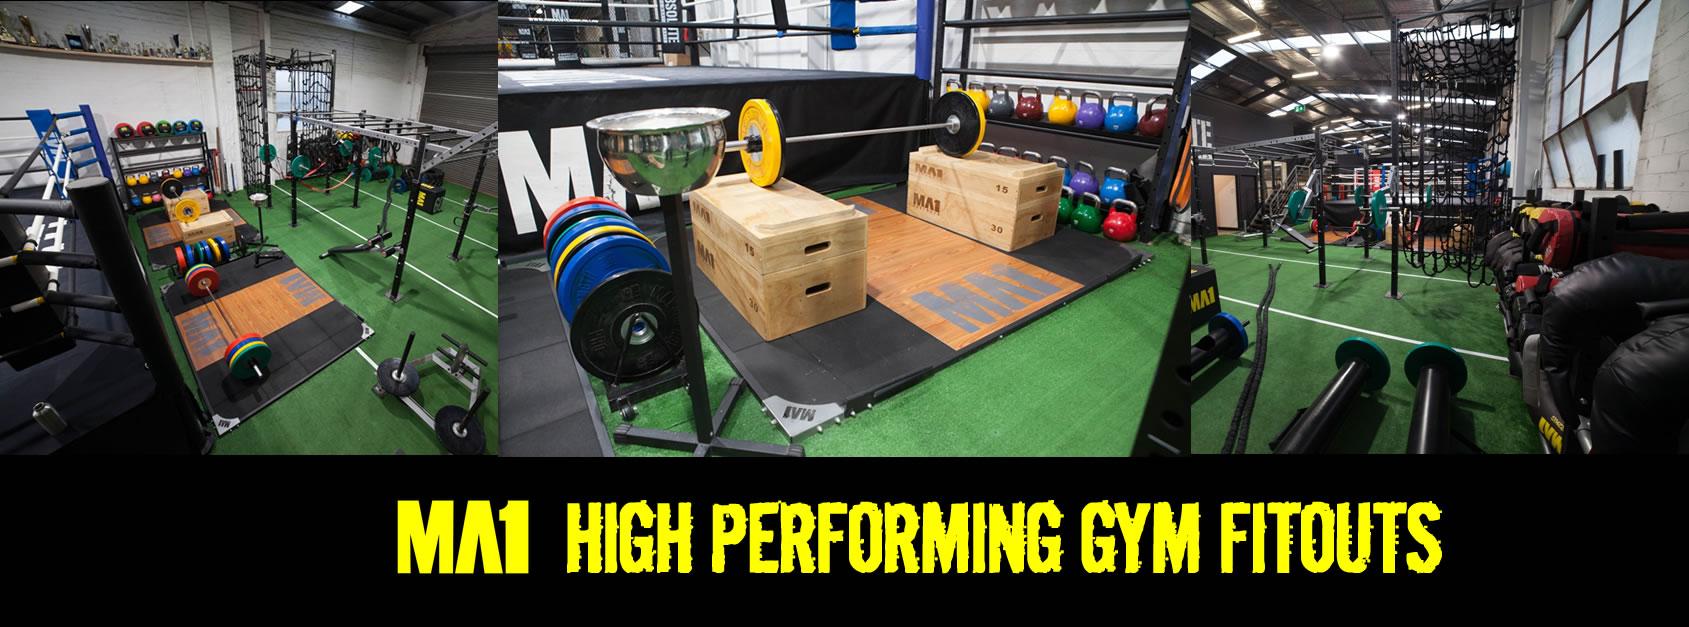 ball-banner-gym.jpg